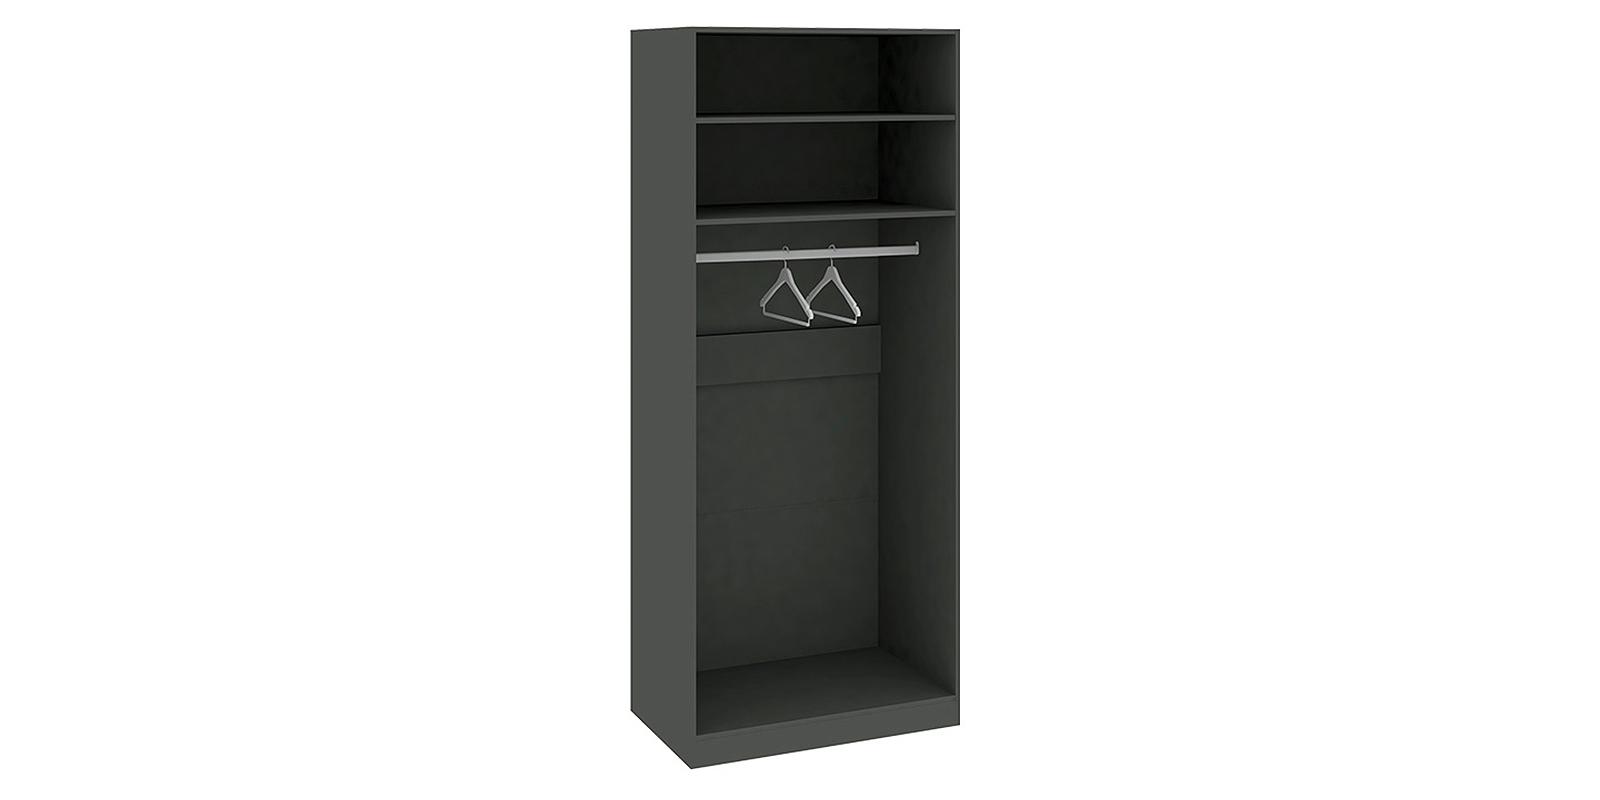 Шкаф распашной двухдверный Сорренто вариант №2 правый (серый/коричневый)